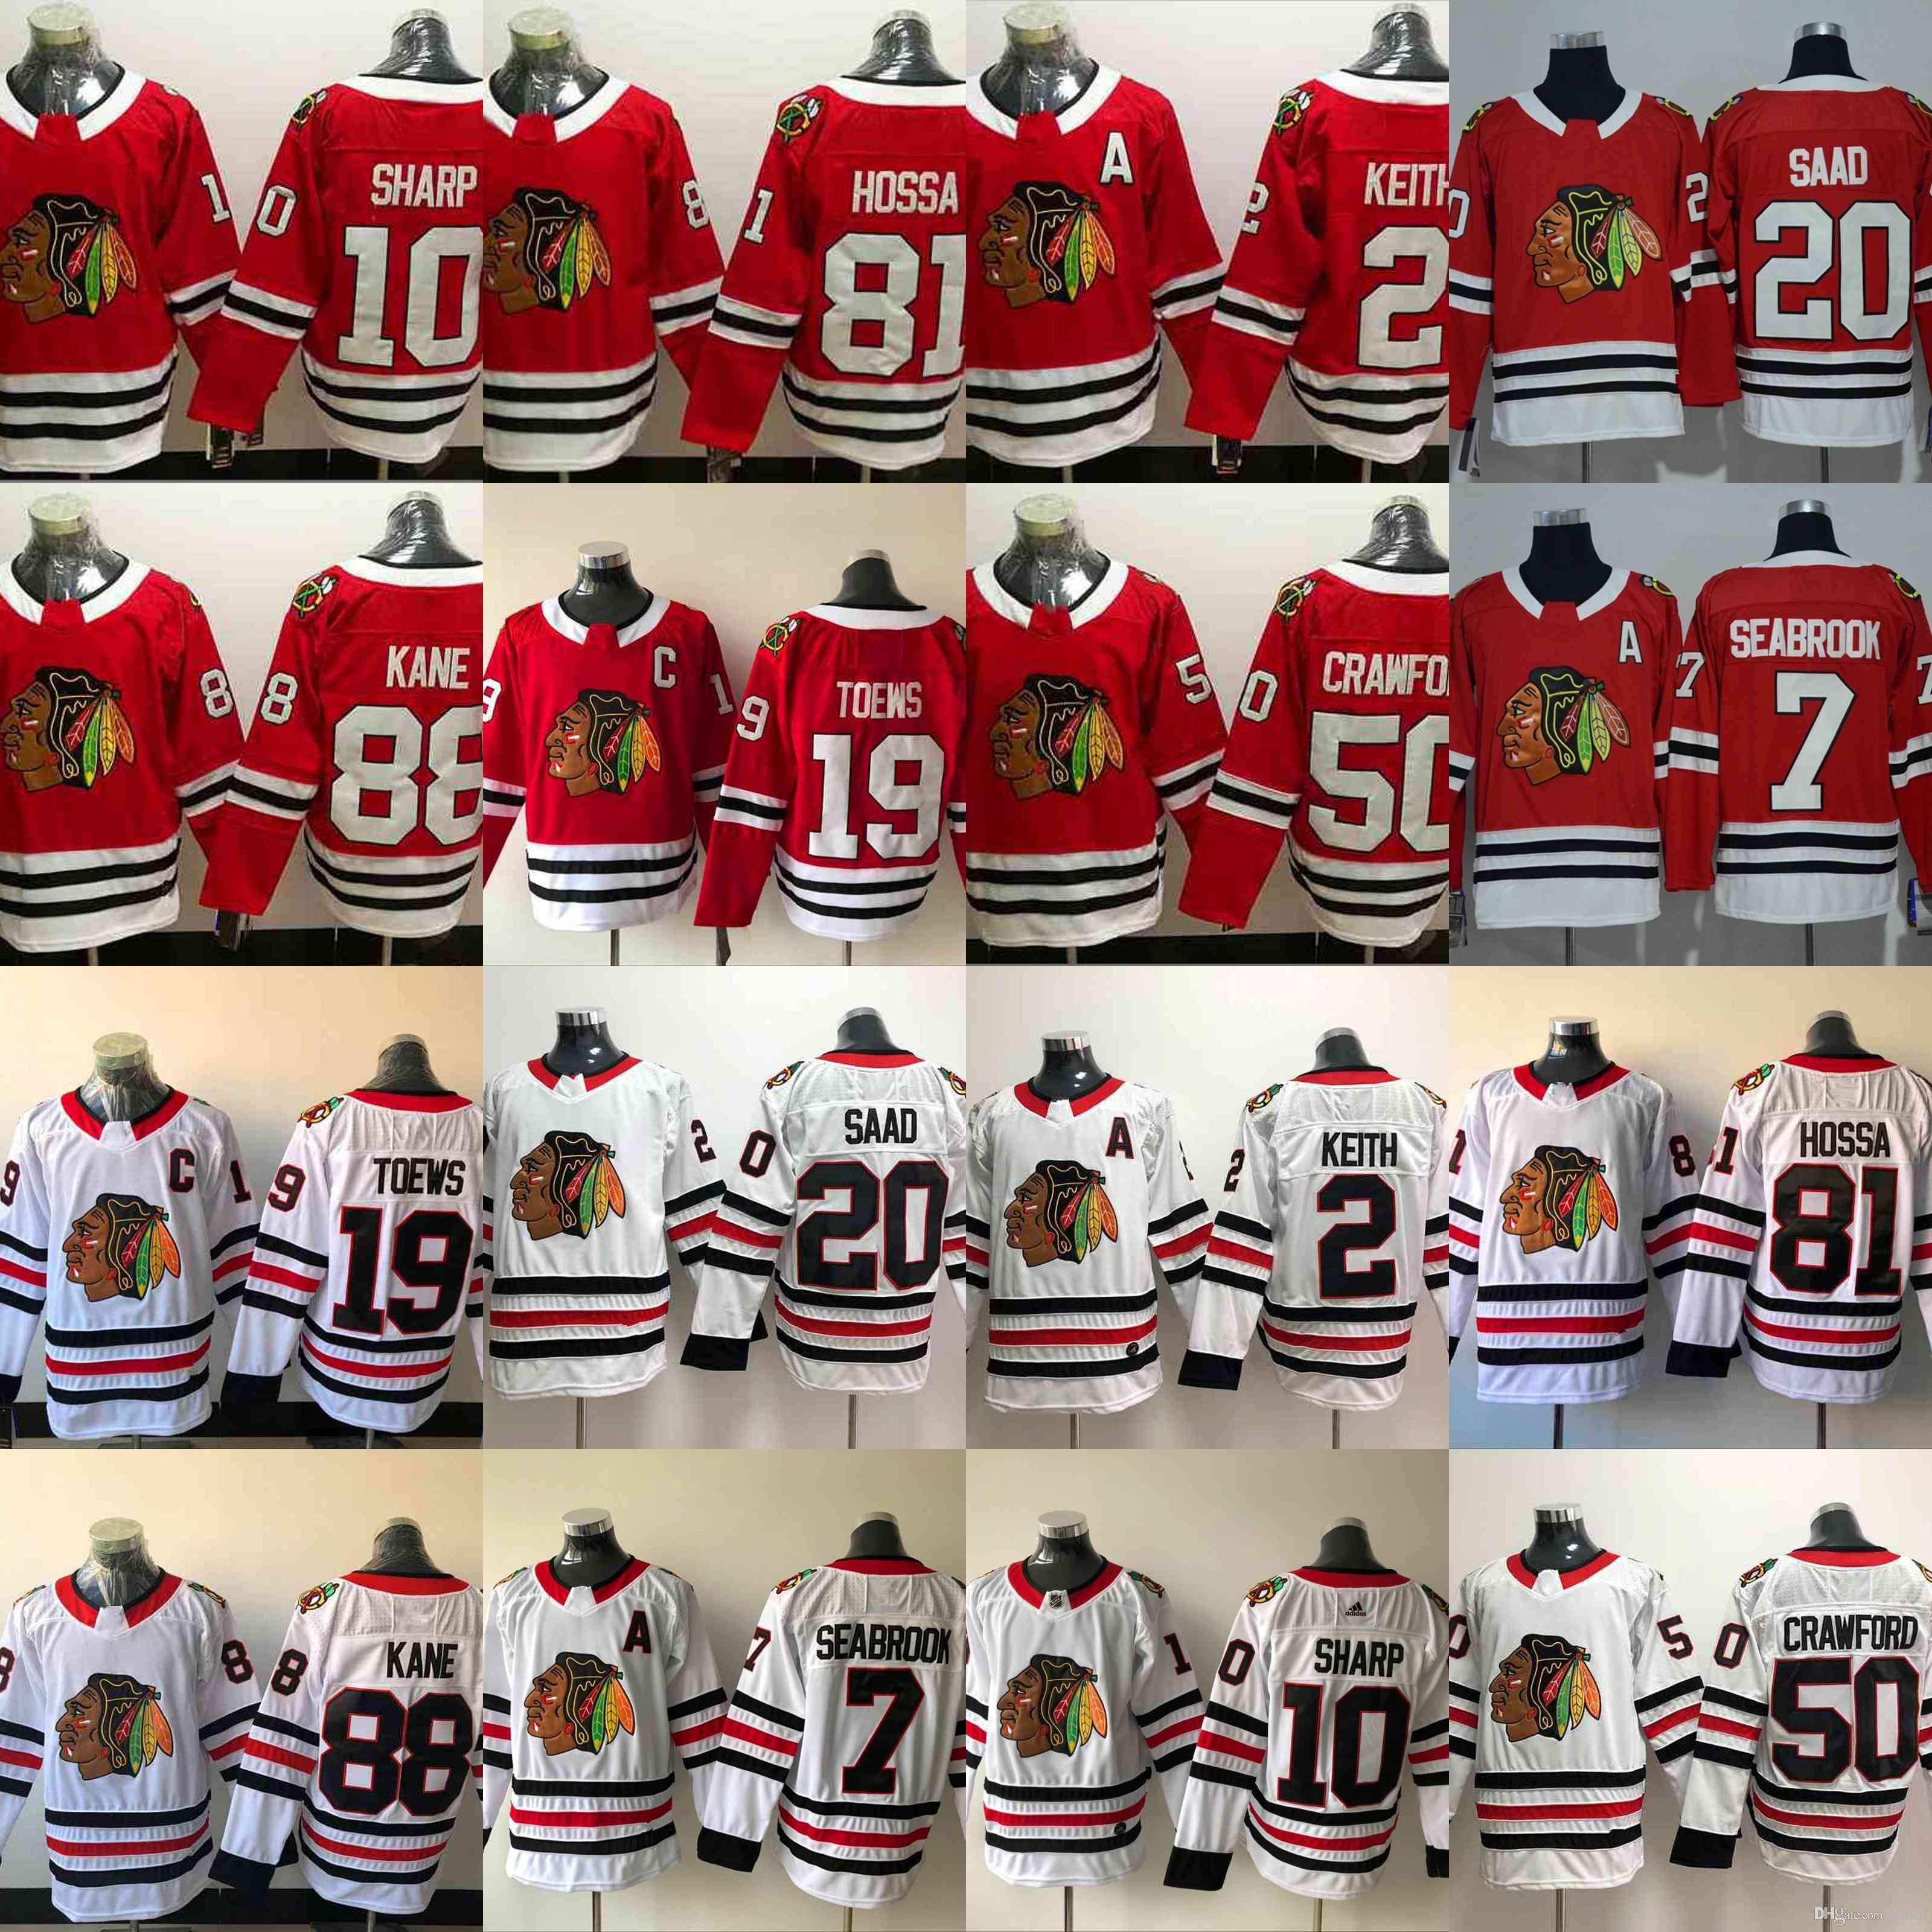 7a55ae4ff 19 Jonathan Toews 2018 Chicago Blackhawks 88 Patrick Kane 2 Keith 7 ...